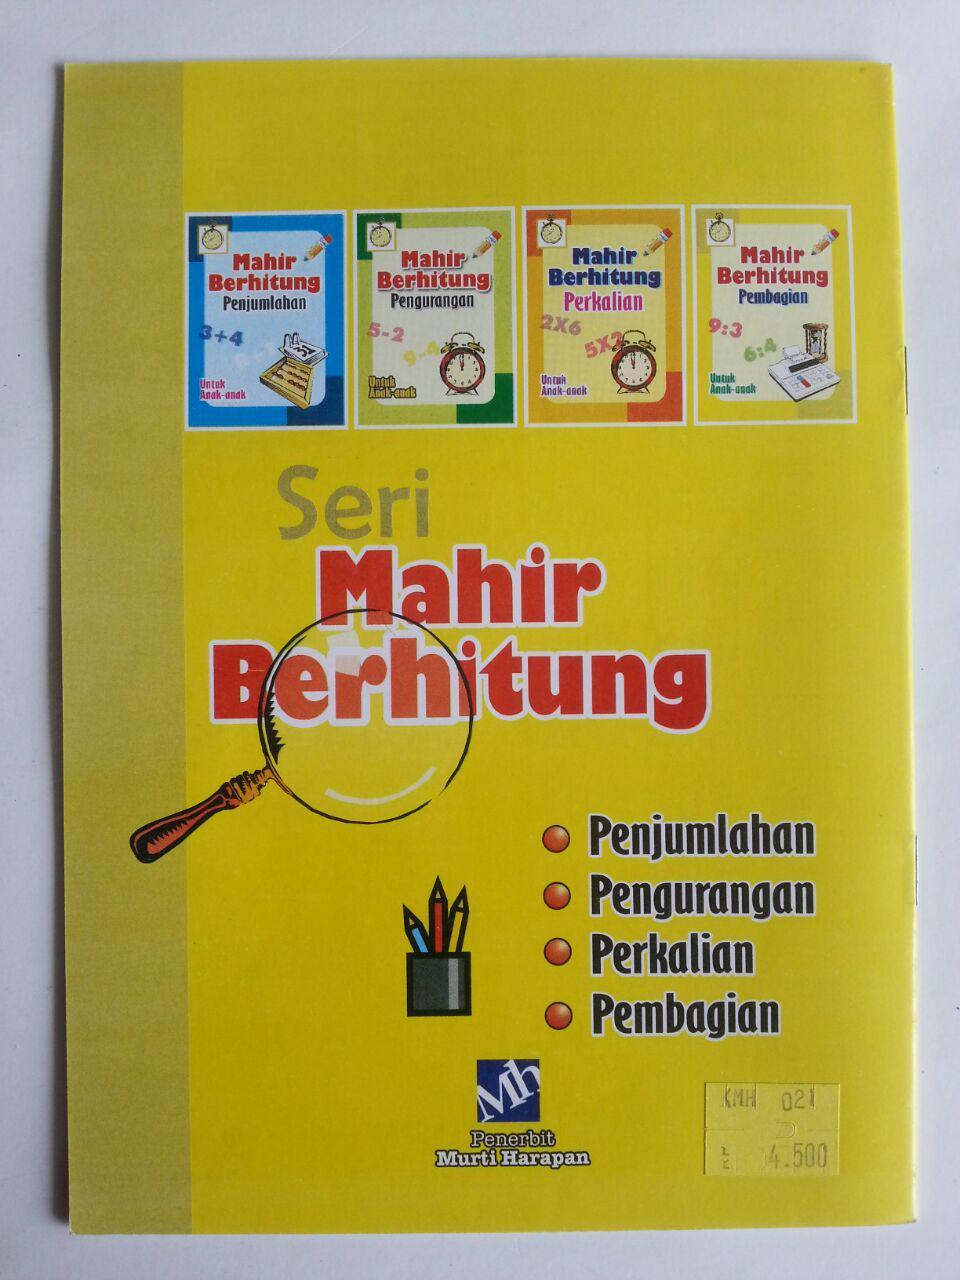 Buku Mahir Berhitung Pembagian Untuk Anak-Anak cover